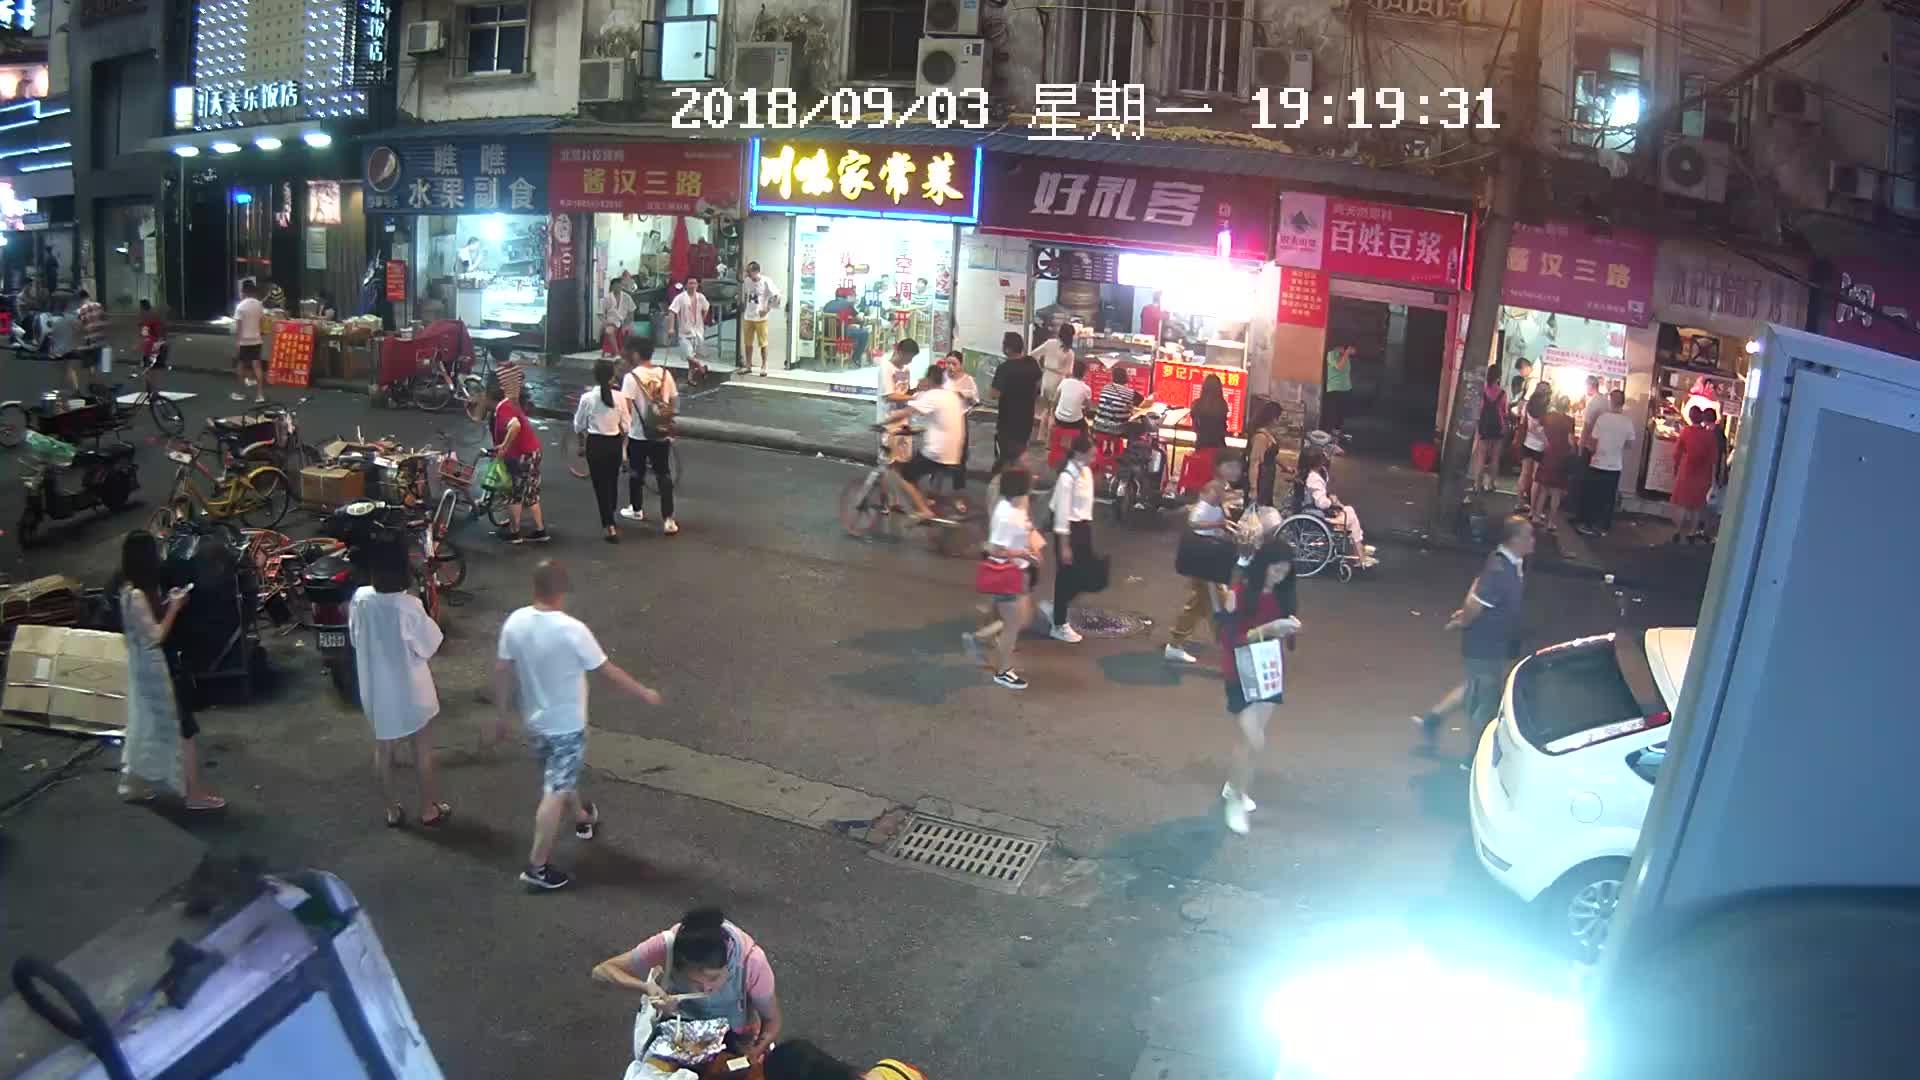 Webcam Wuhan: Jianghan 3rd Road, Jianghan District